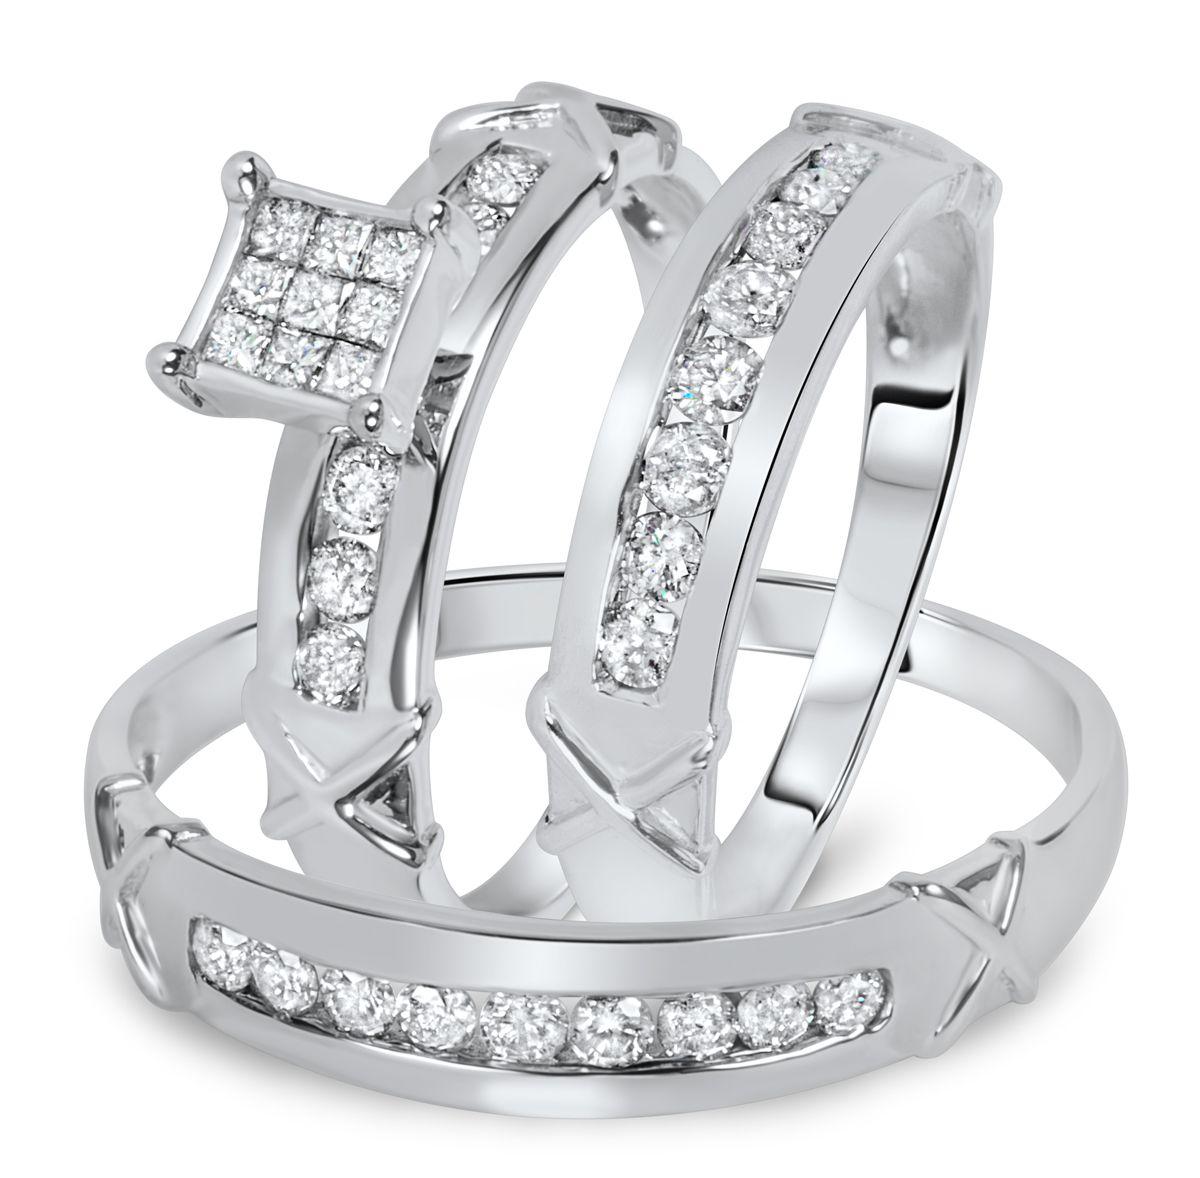 1 carat diamond trio wedding ring set 14k white gold | matching